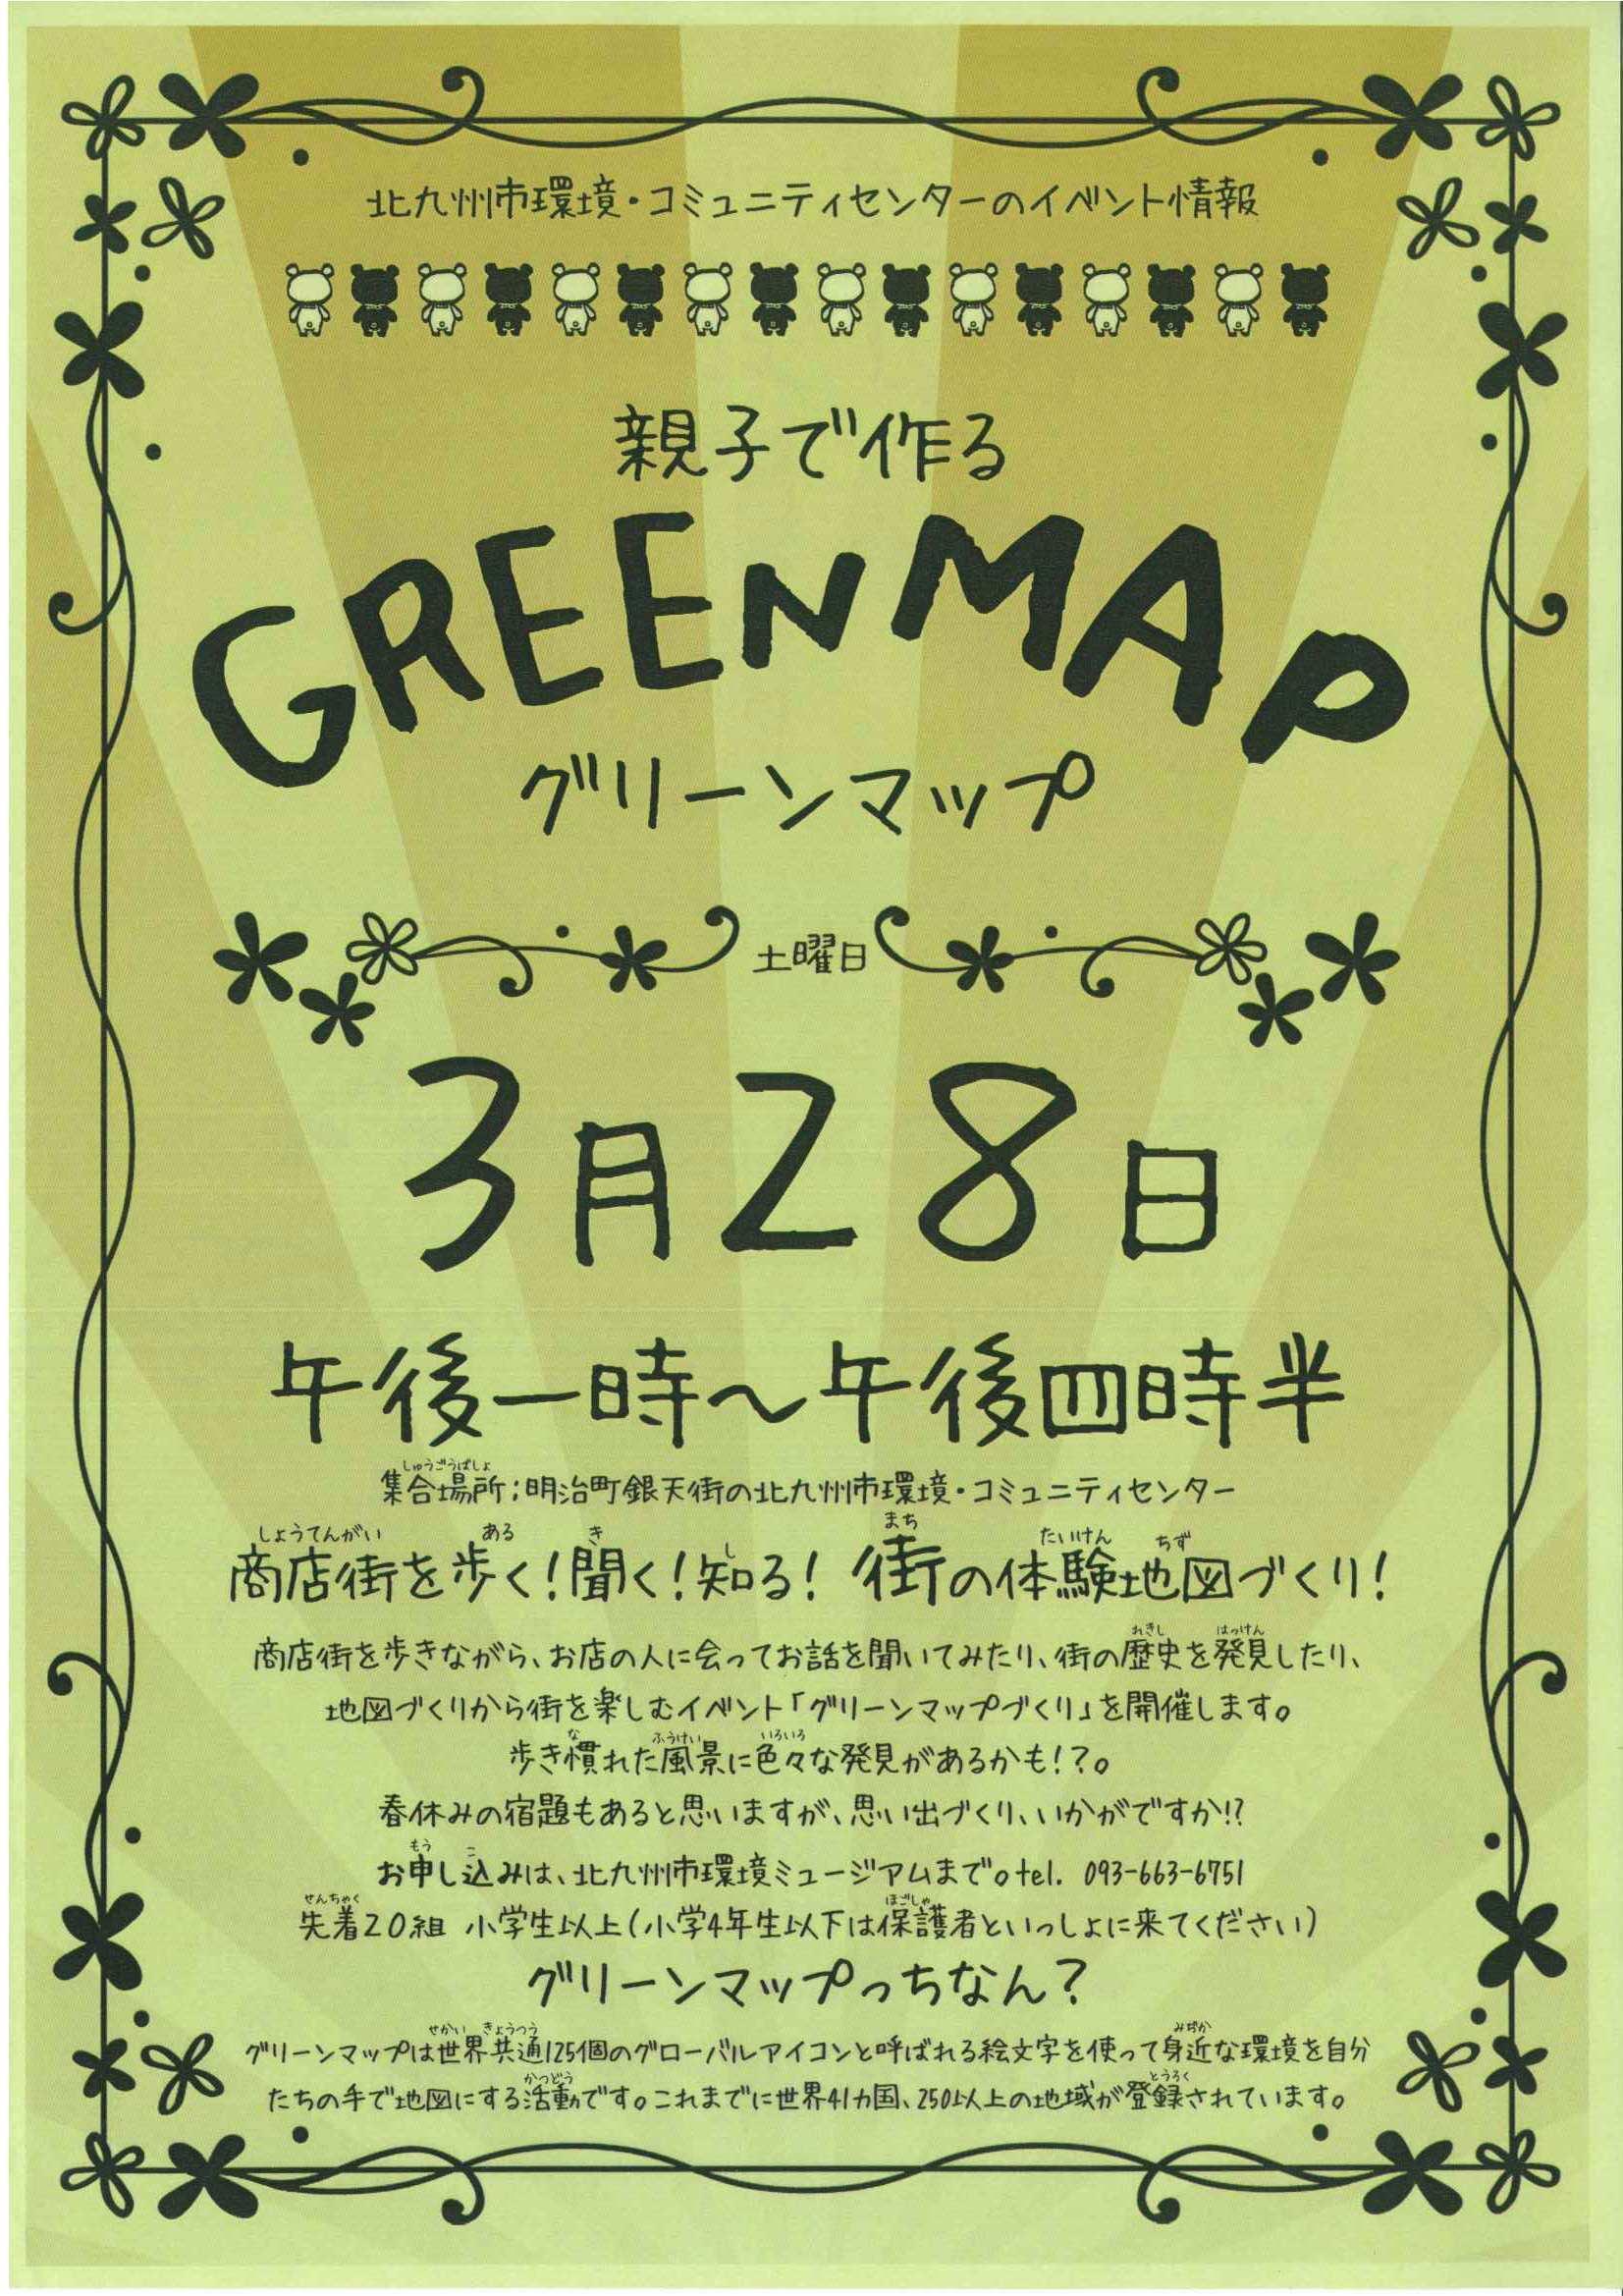 北九州市環境・コミュニティセンター OPEN!_e0198627_15182725.jpg